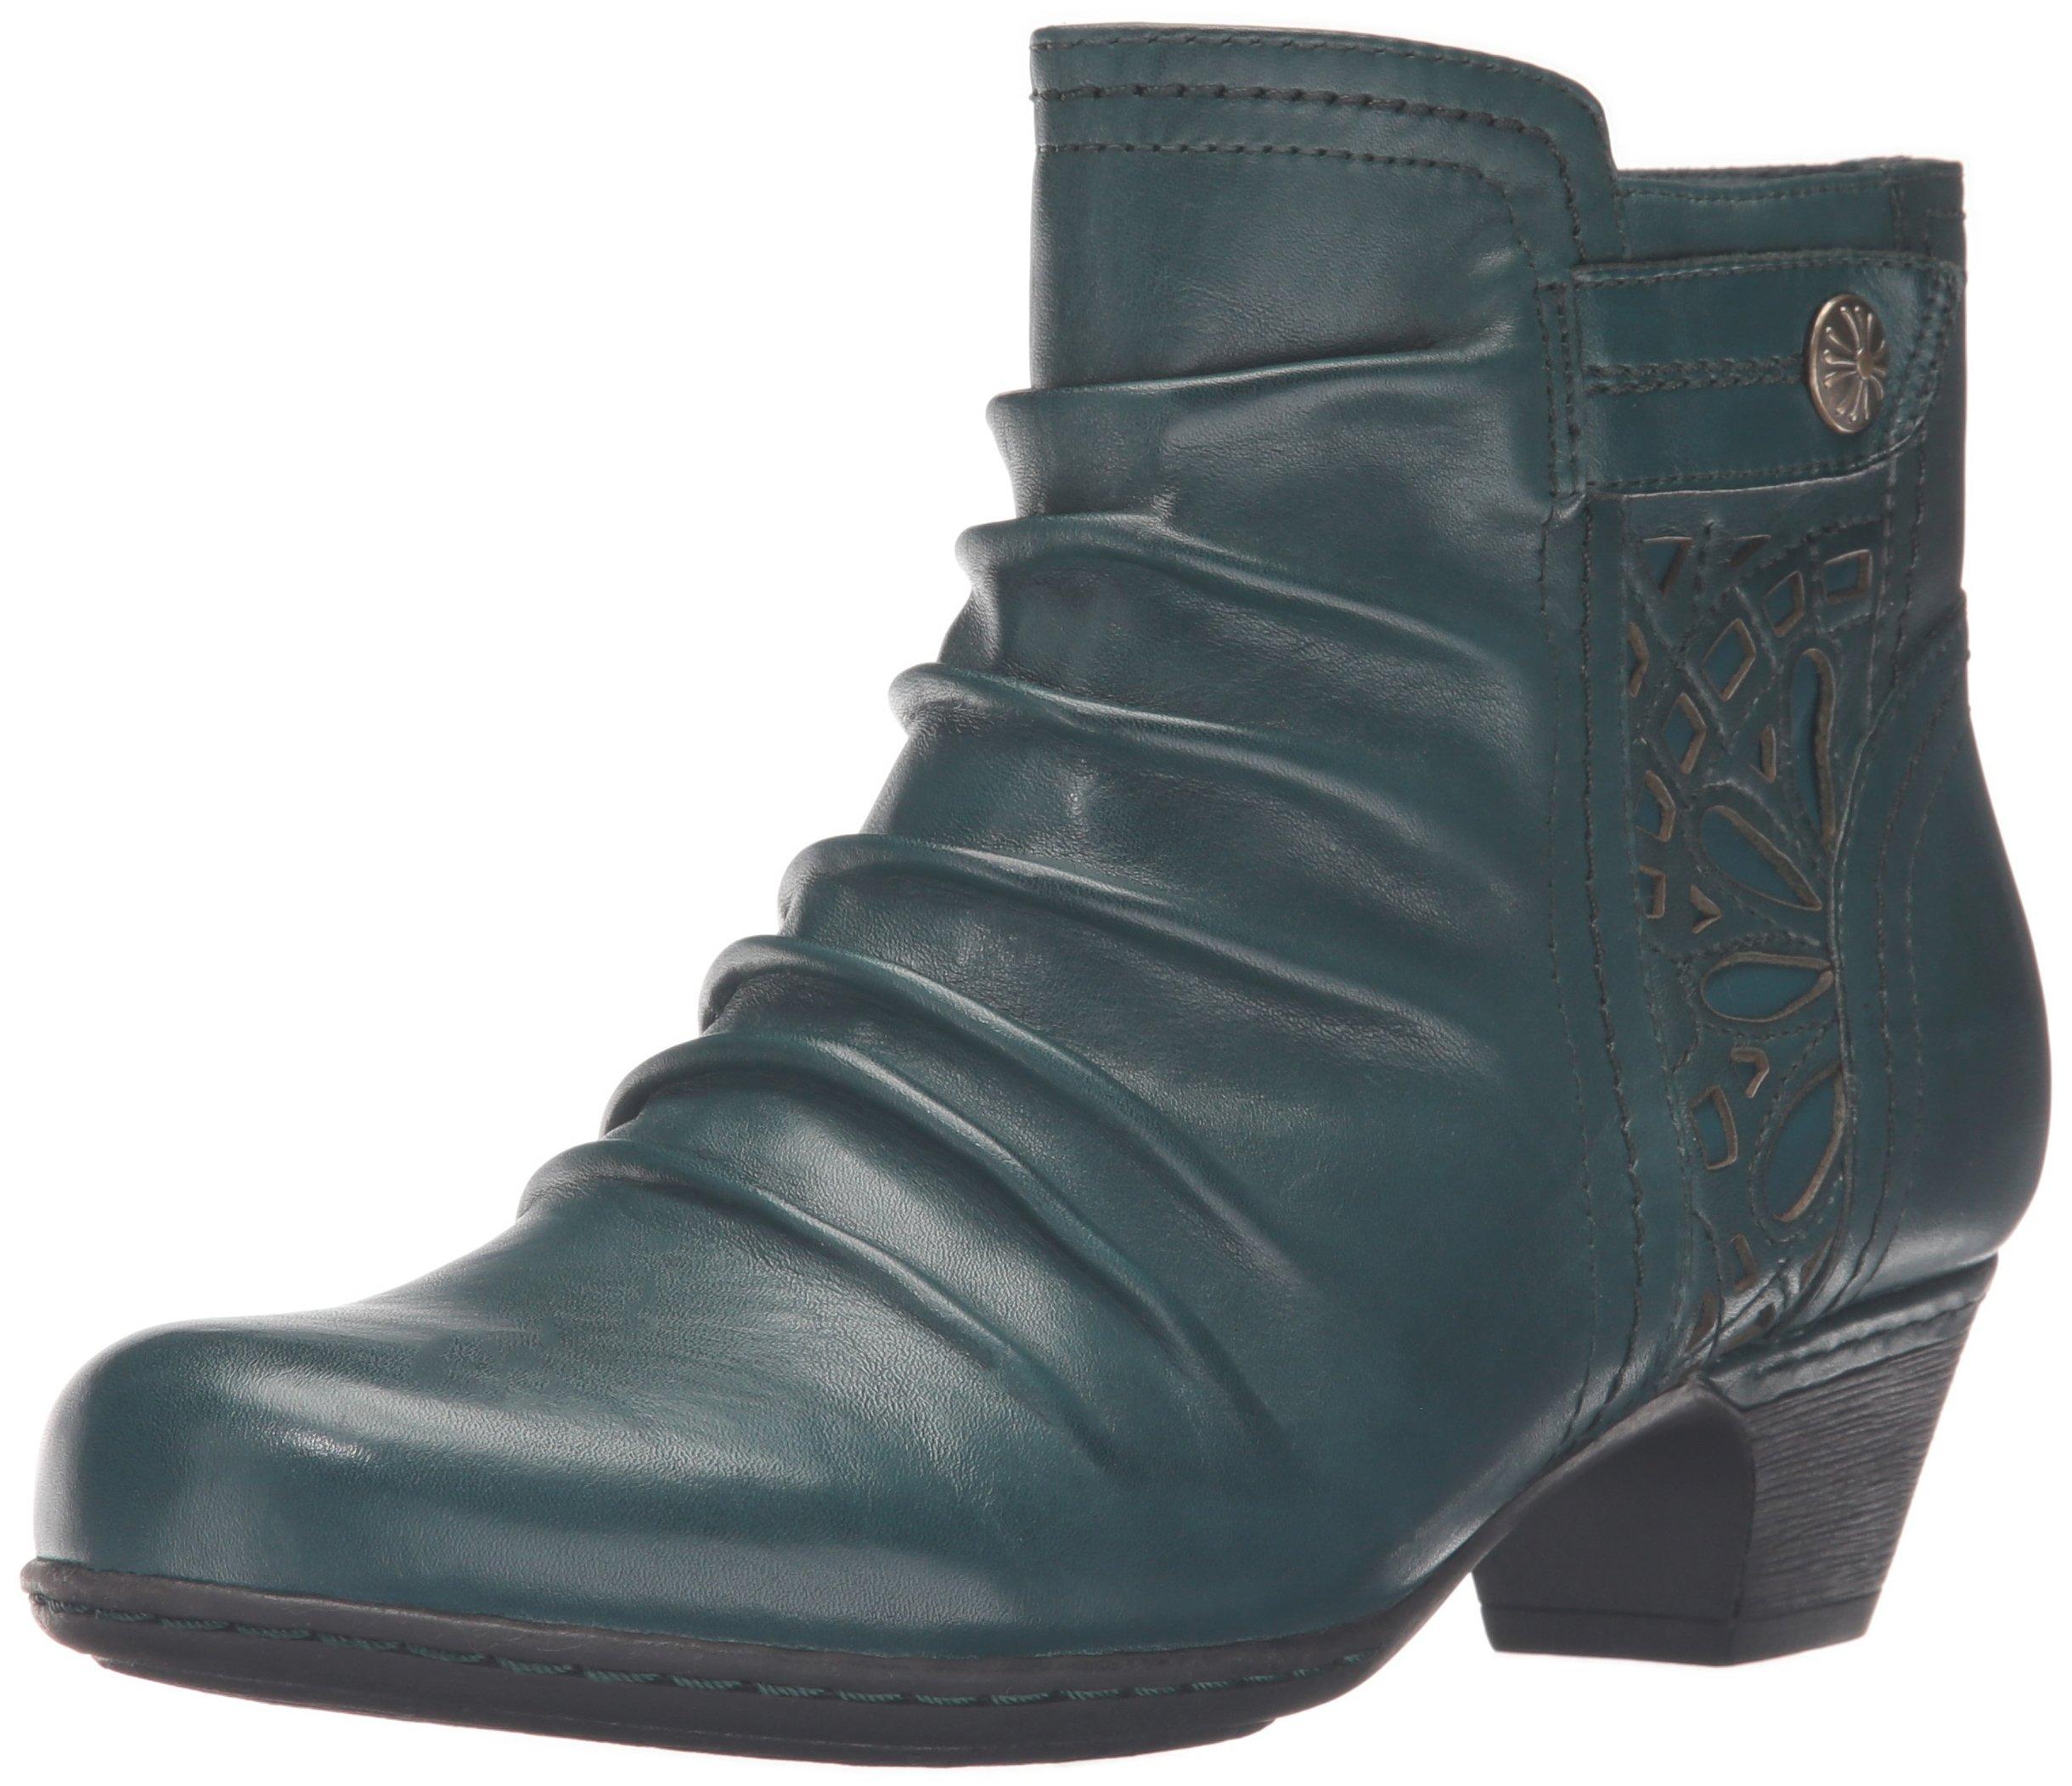 Cobb Hill Women's Abilene Boot